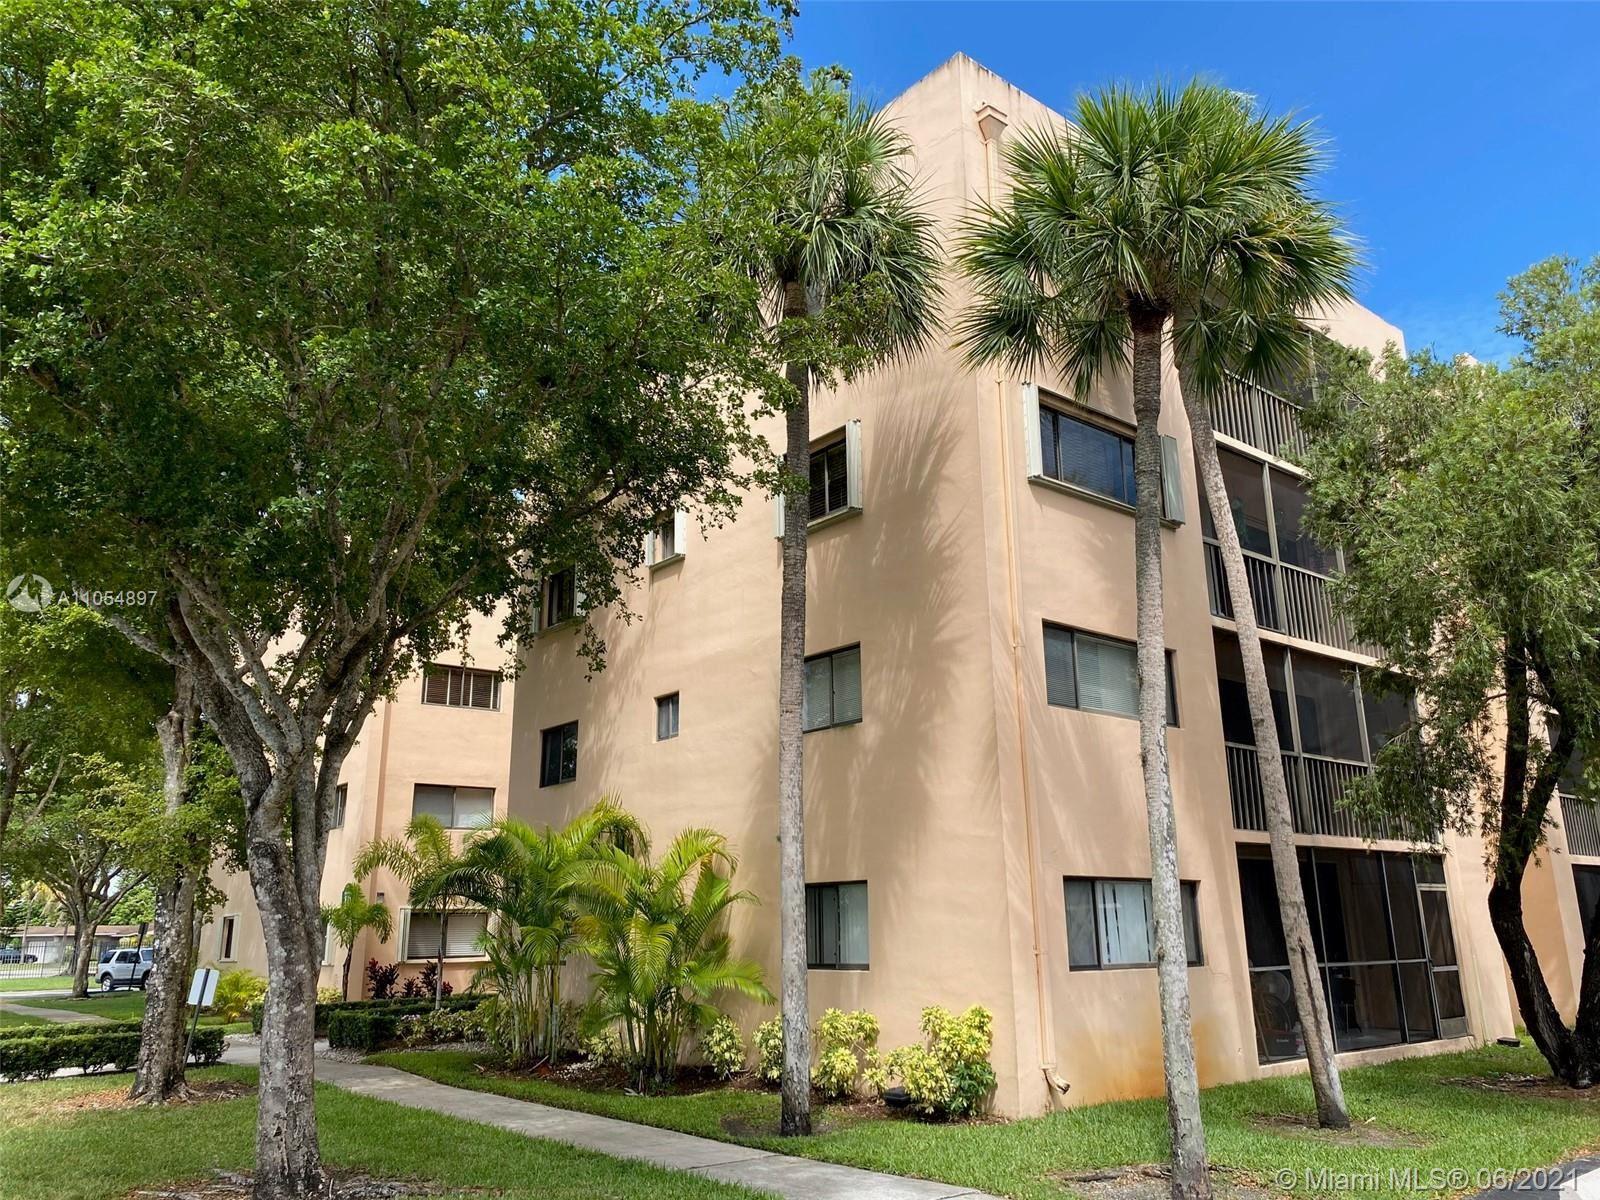 8730 SW 133rd Avenue Rd #410, Miami, FL 33183 - #: A11054897